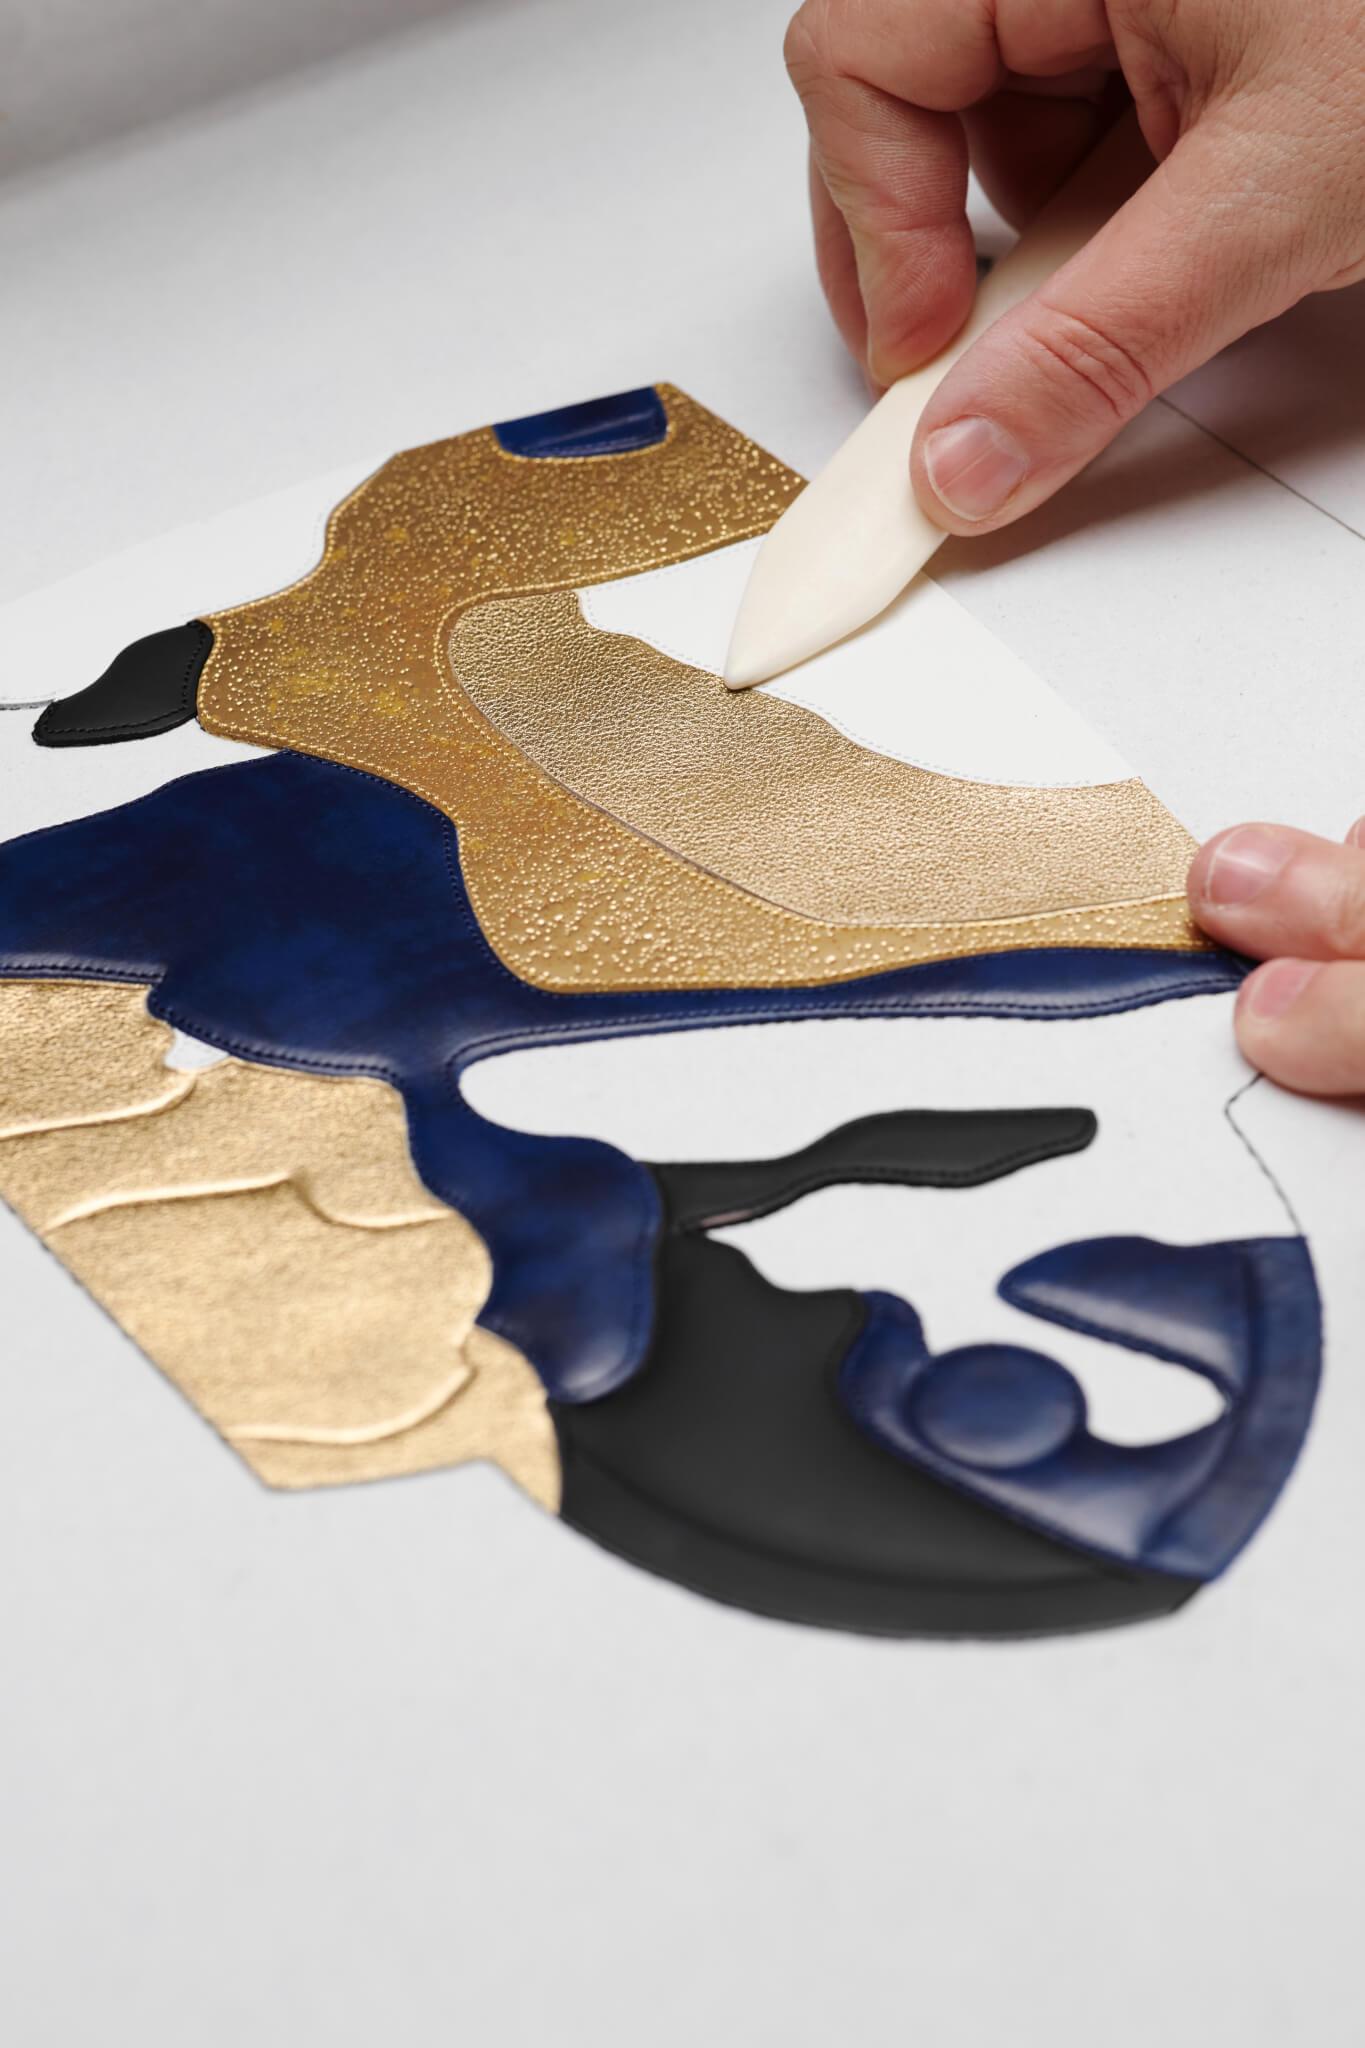 由趙趙設計的手袋,製作過程繁瑣複雜,對工藝的要求非常高。